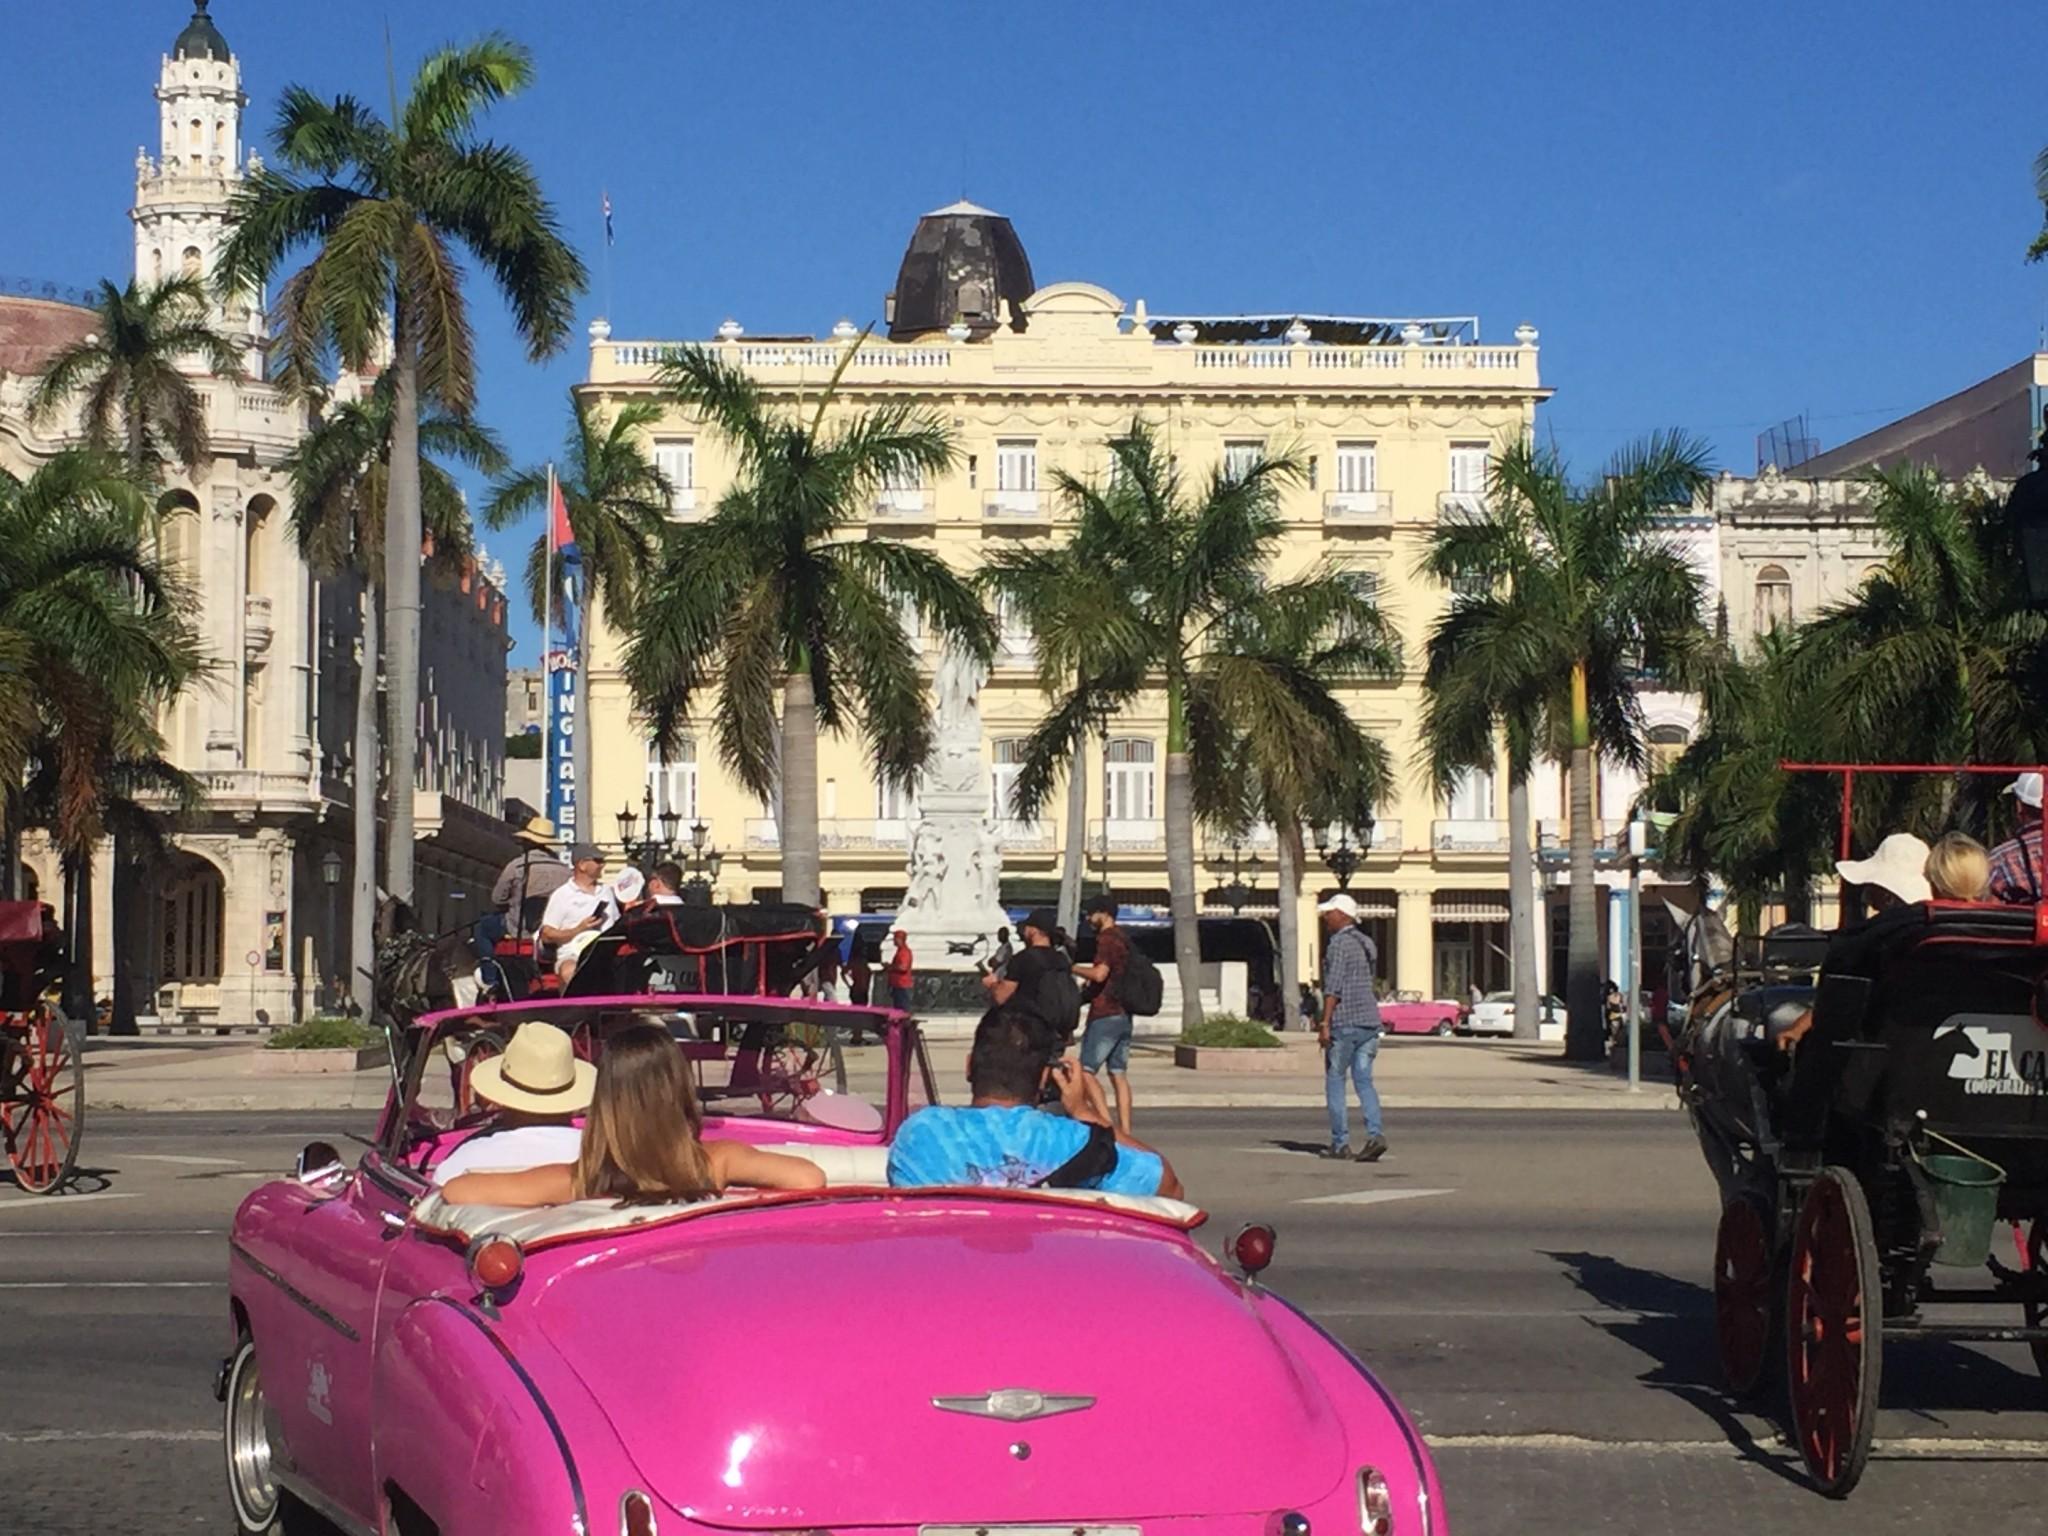 Kuba-Havanna-pinkfarbiger Oldtimer-IMG_6542-bk